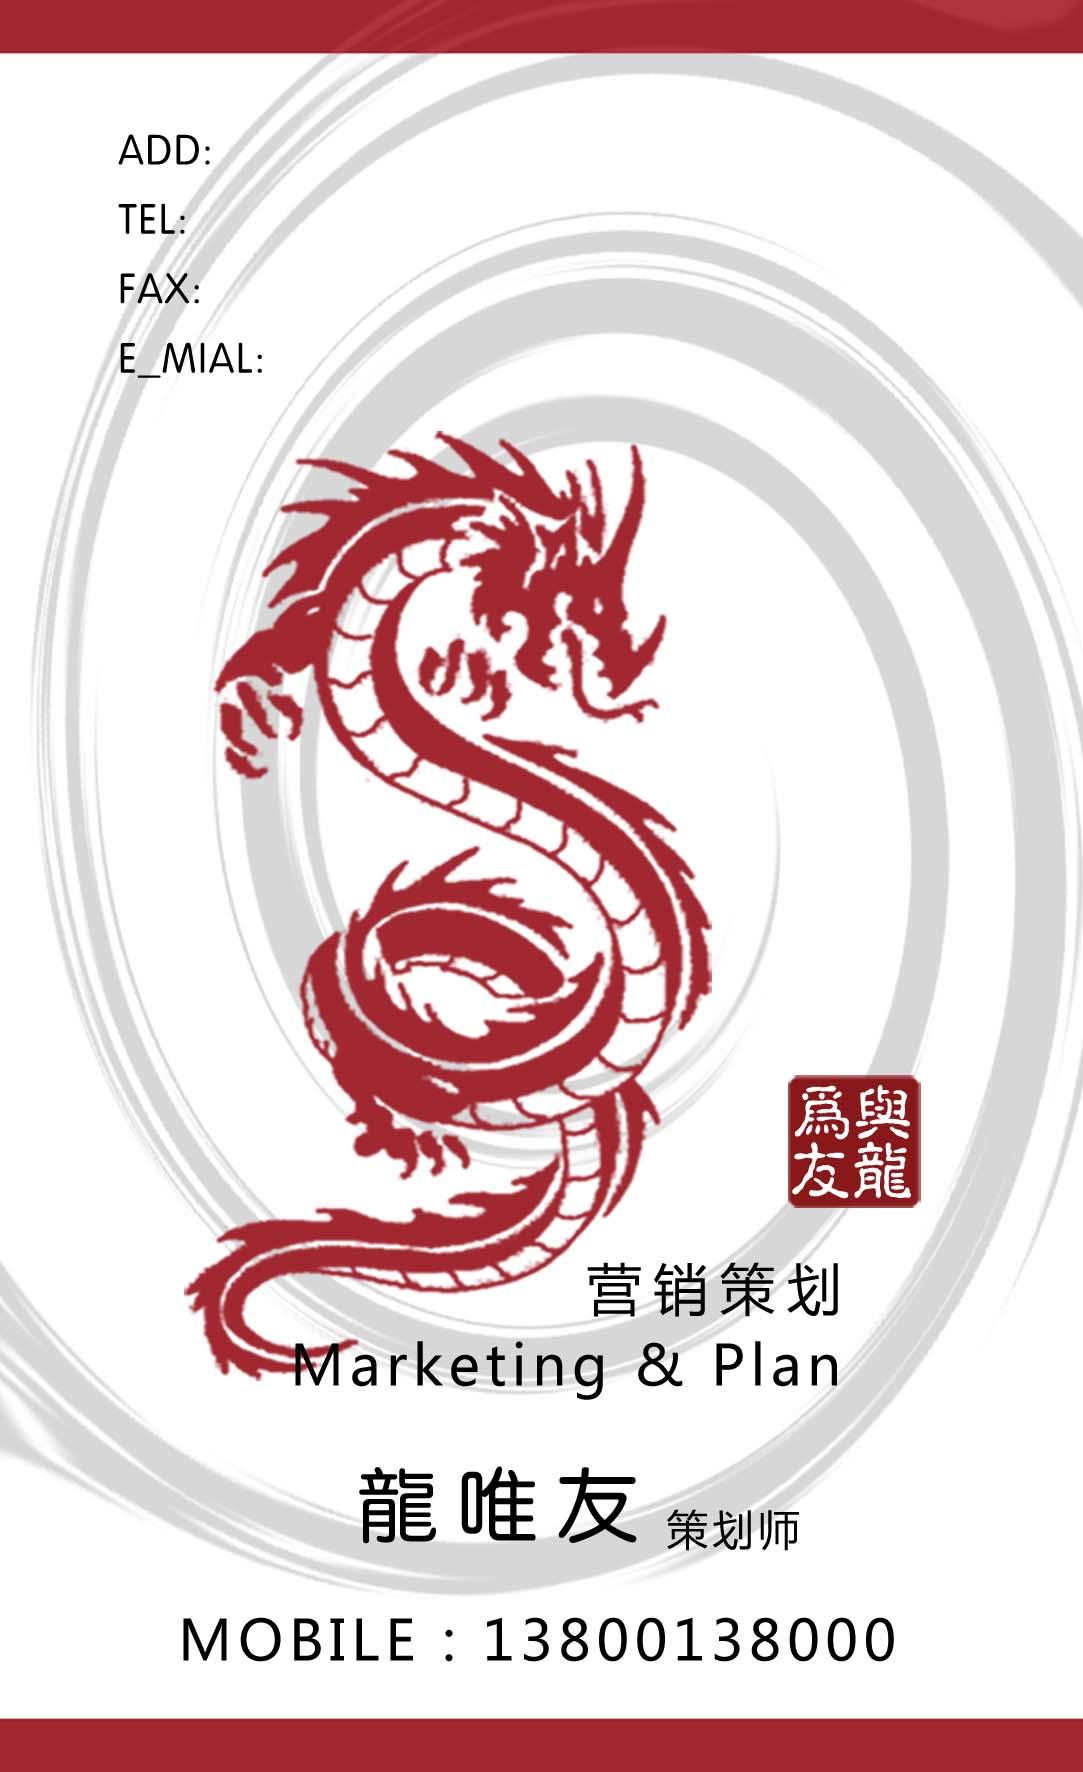 龙logo图片素材_龙圆形logo素材图片